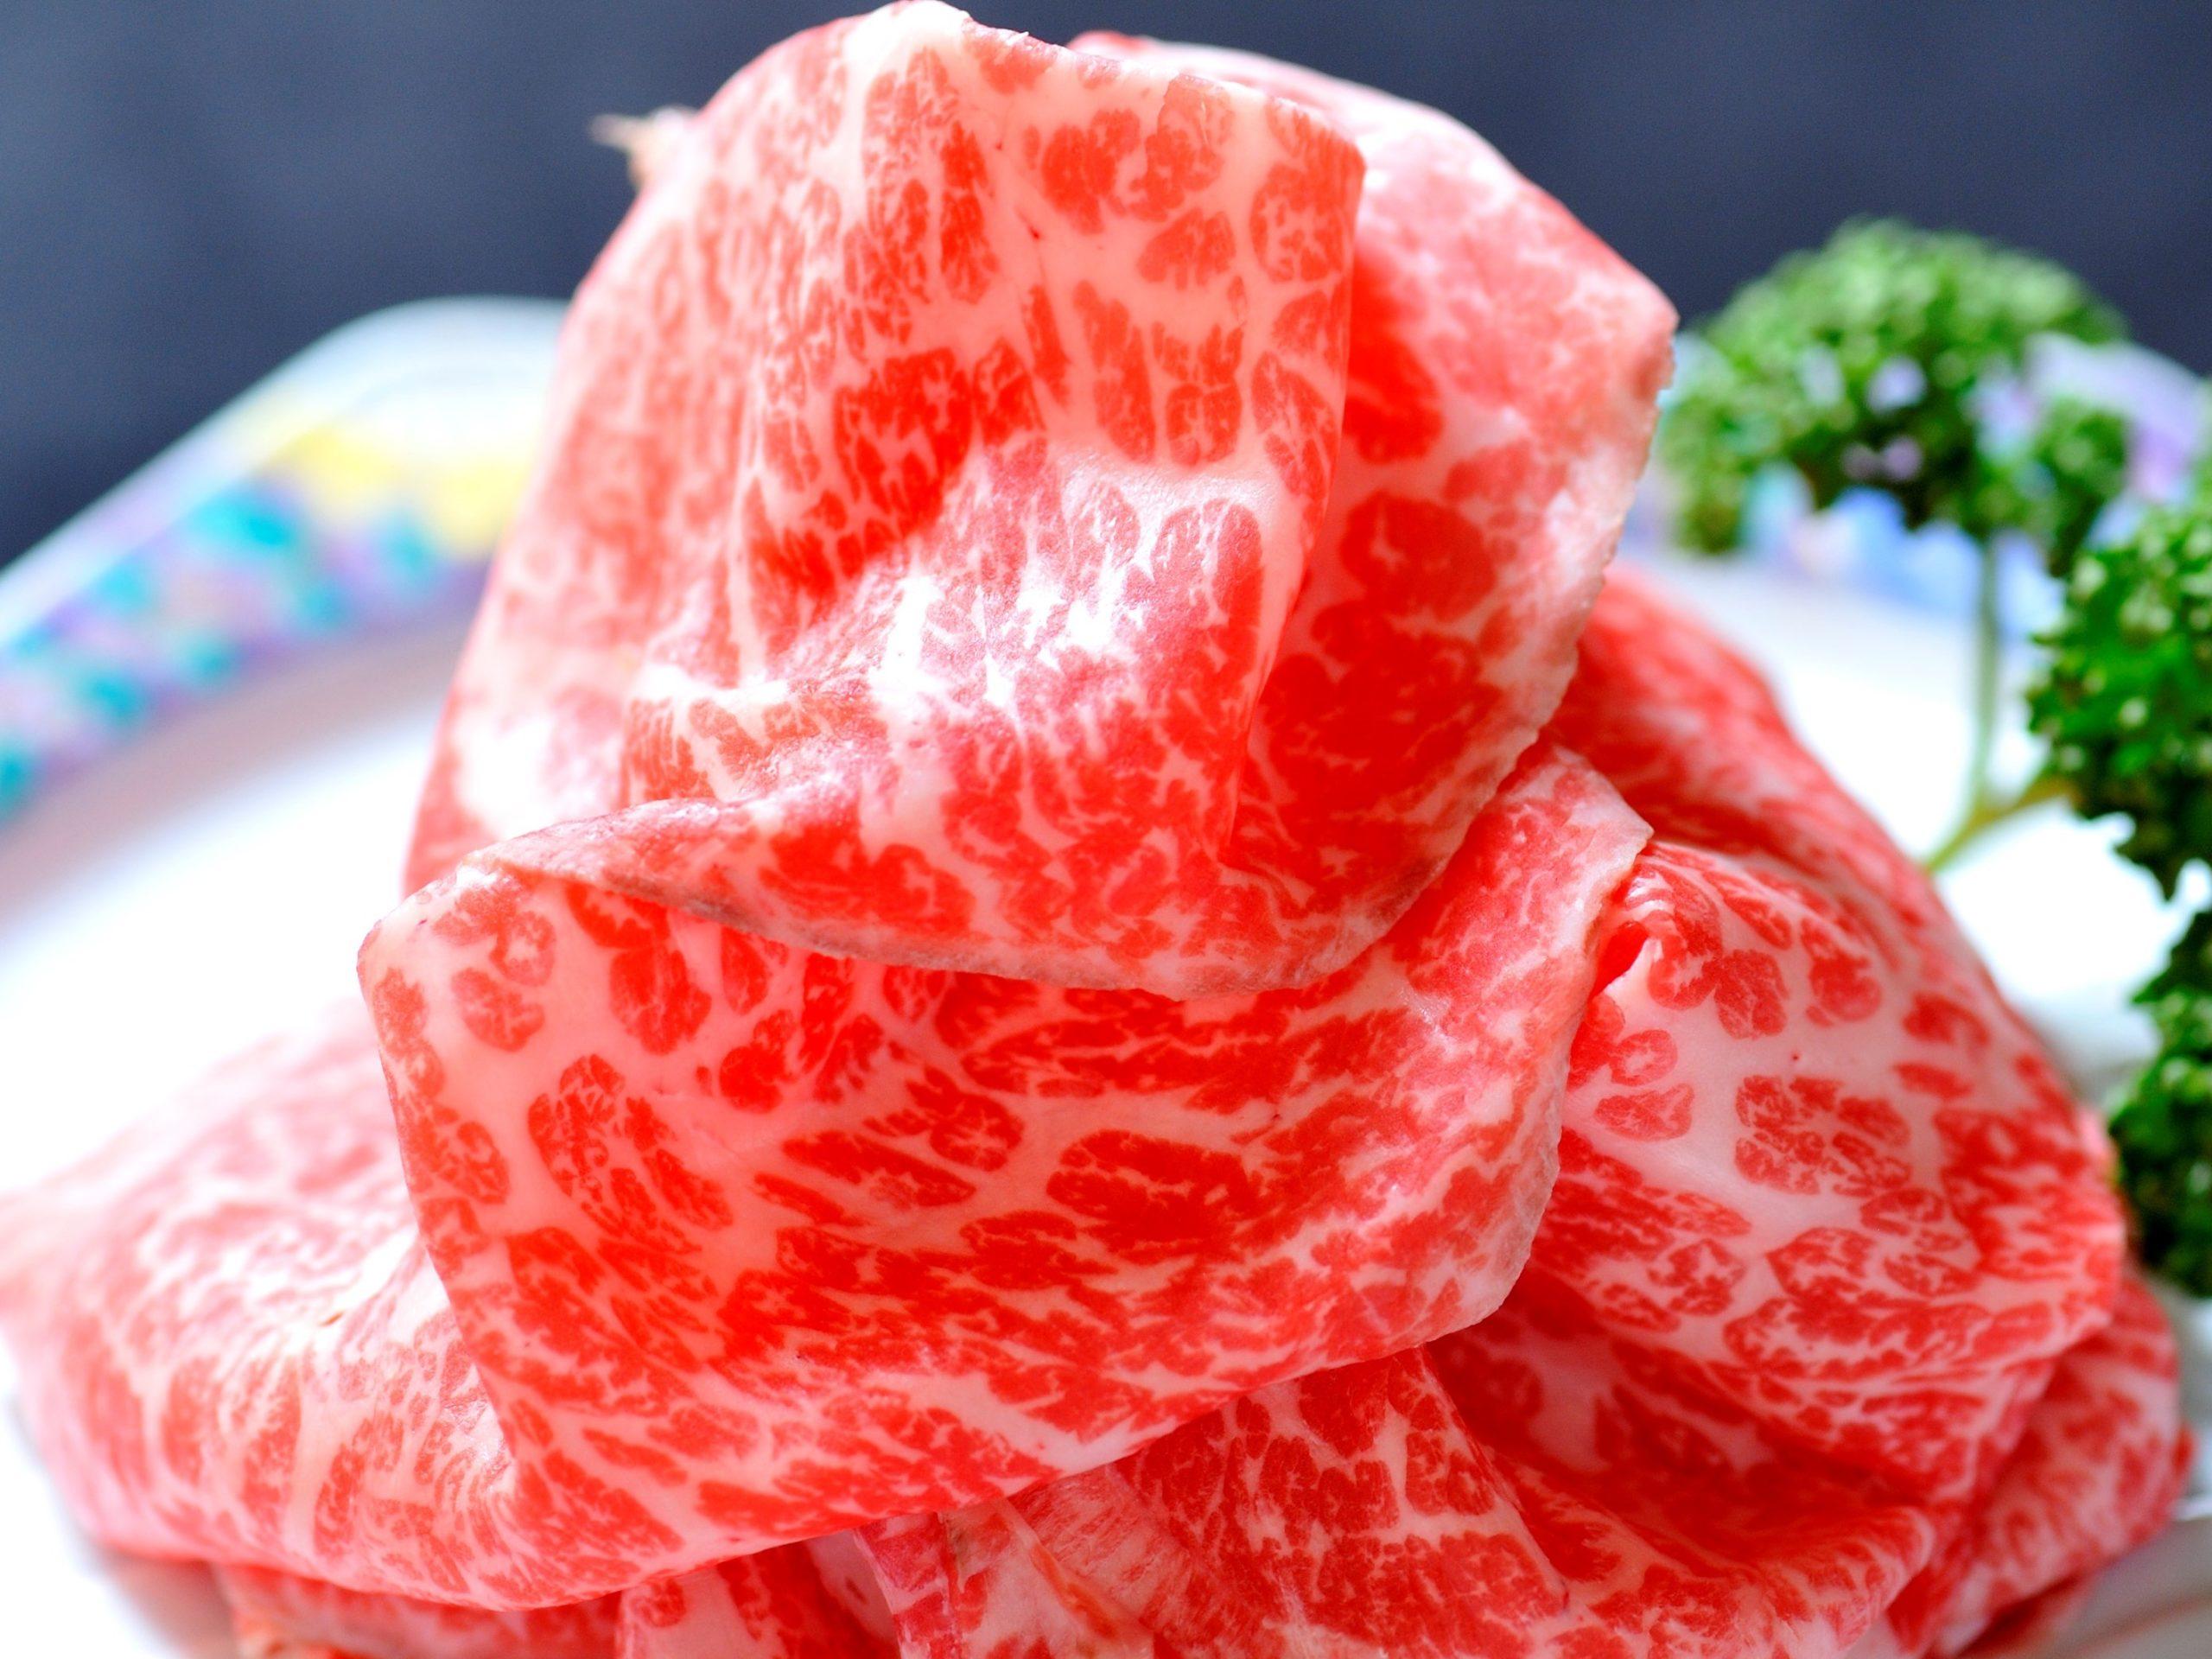 レアステーキ薄切り(霜降り)